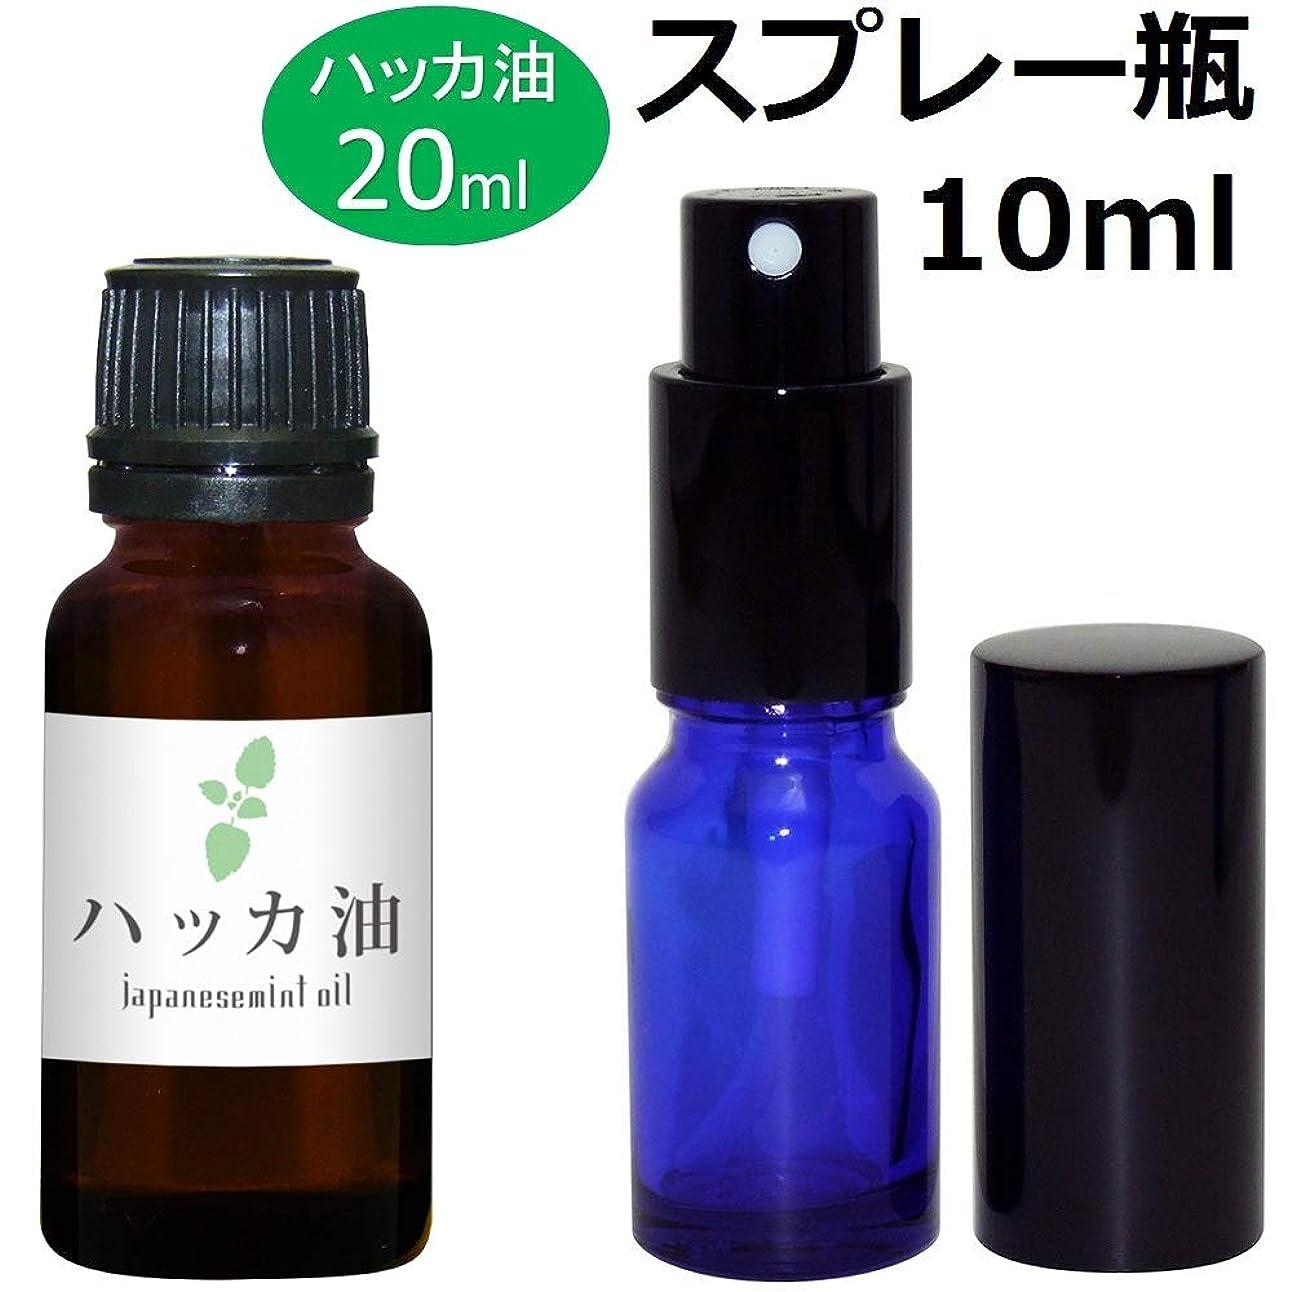 ボトルネックバーベキューホバーガレージ?ゼロ ハッカ油 20ml(GZAK12)+ガラス瓶 スプレーボトル10ml/和種薄荷/ジャパニーズミント GSE533